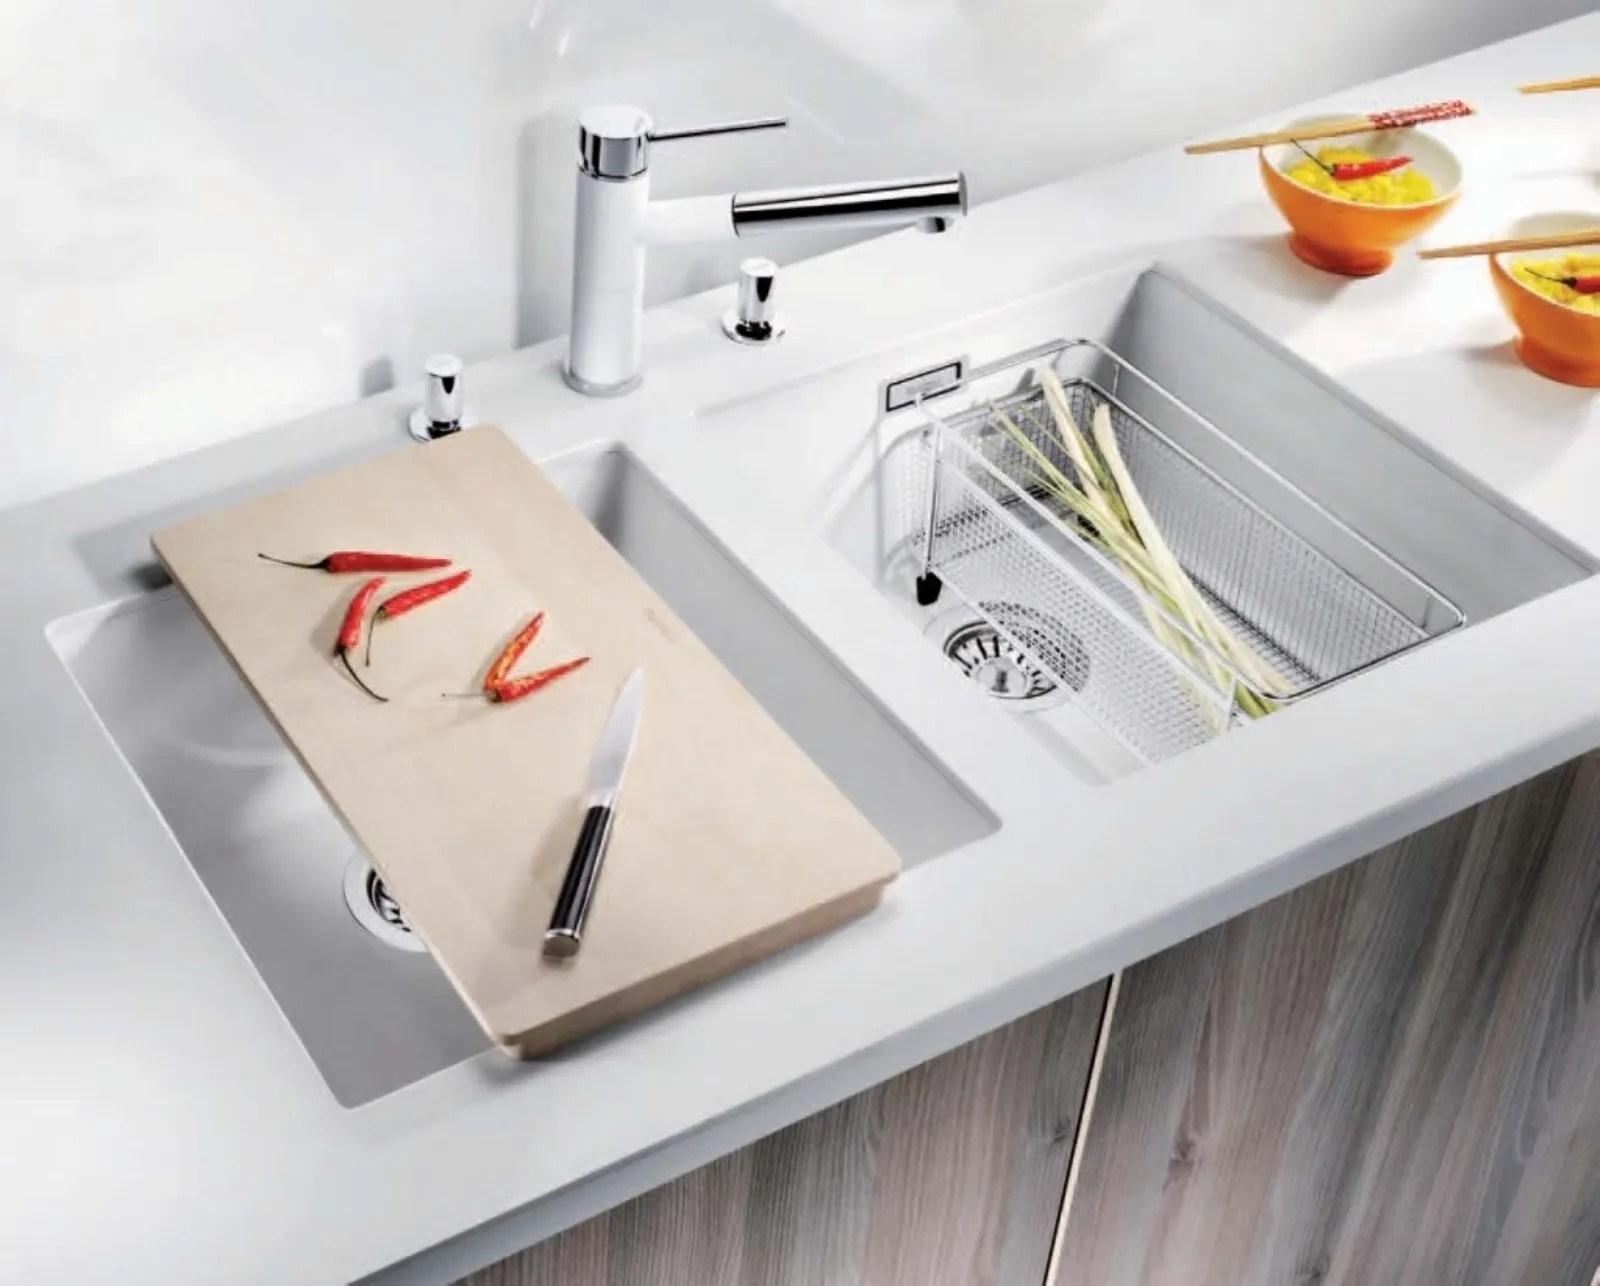 Lavello cucina guida alla scelta  Cucine Moderne